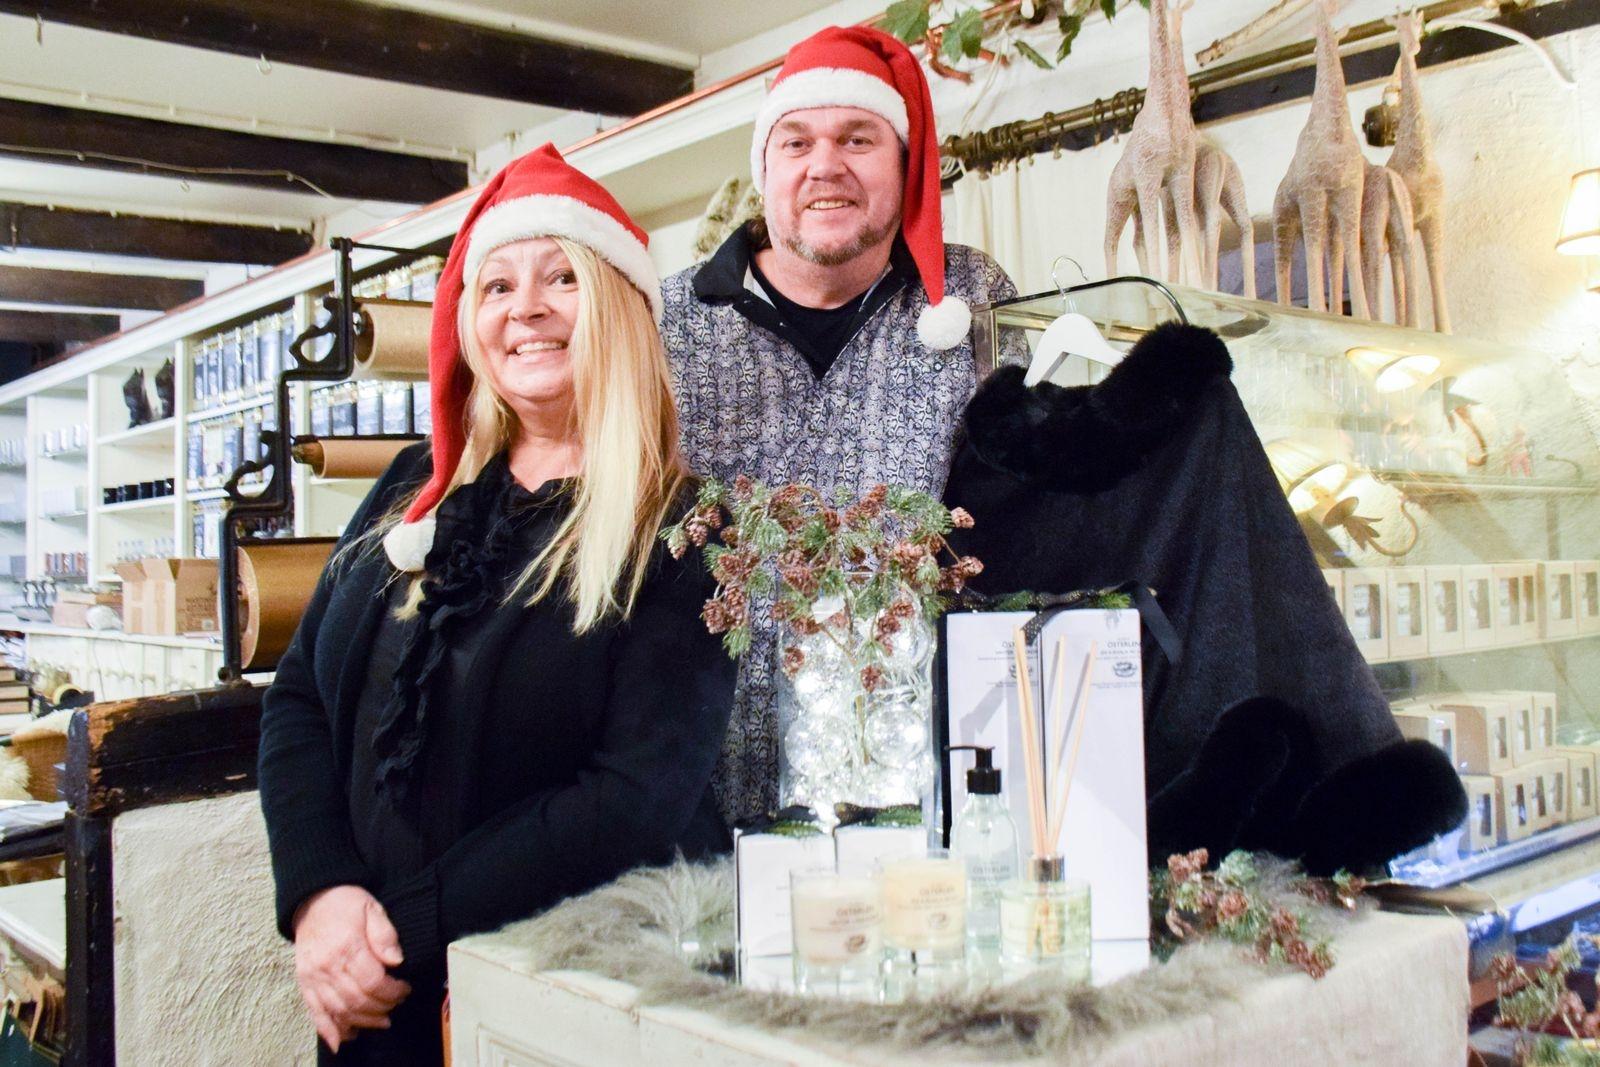 """Cecilia och Michael Mehler på Hylkegården tipsar om produkter från egna kollektionen. Doftljus med namn som """"Vinter i paradiset"""" och """"En känsla av jul"""", doftpinnar och tvål som tillverkas av Reunion home."""